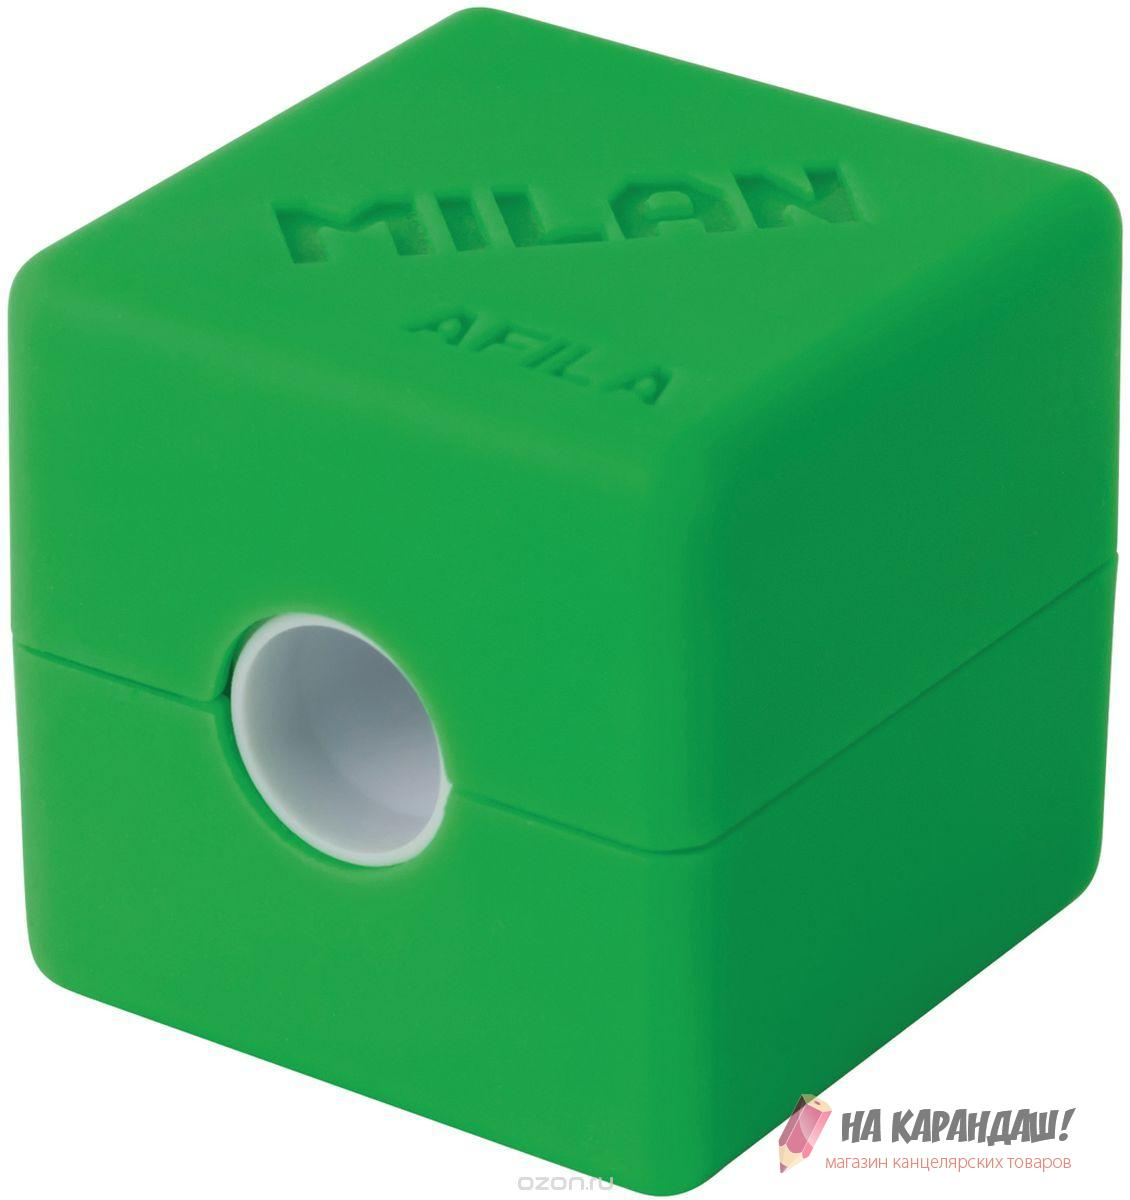 Точилка с контейнером 1отв ML 20154216 Cubic